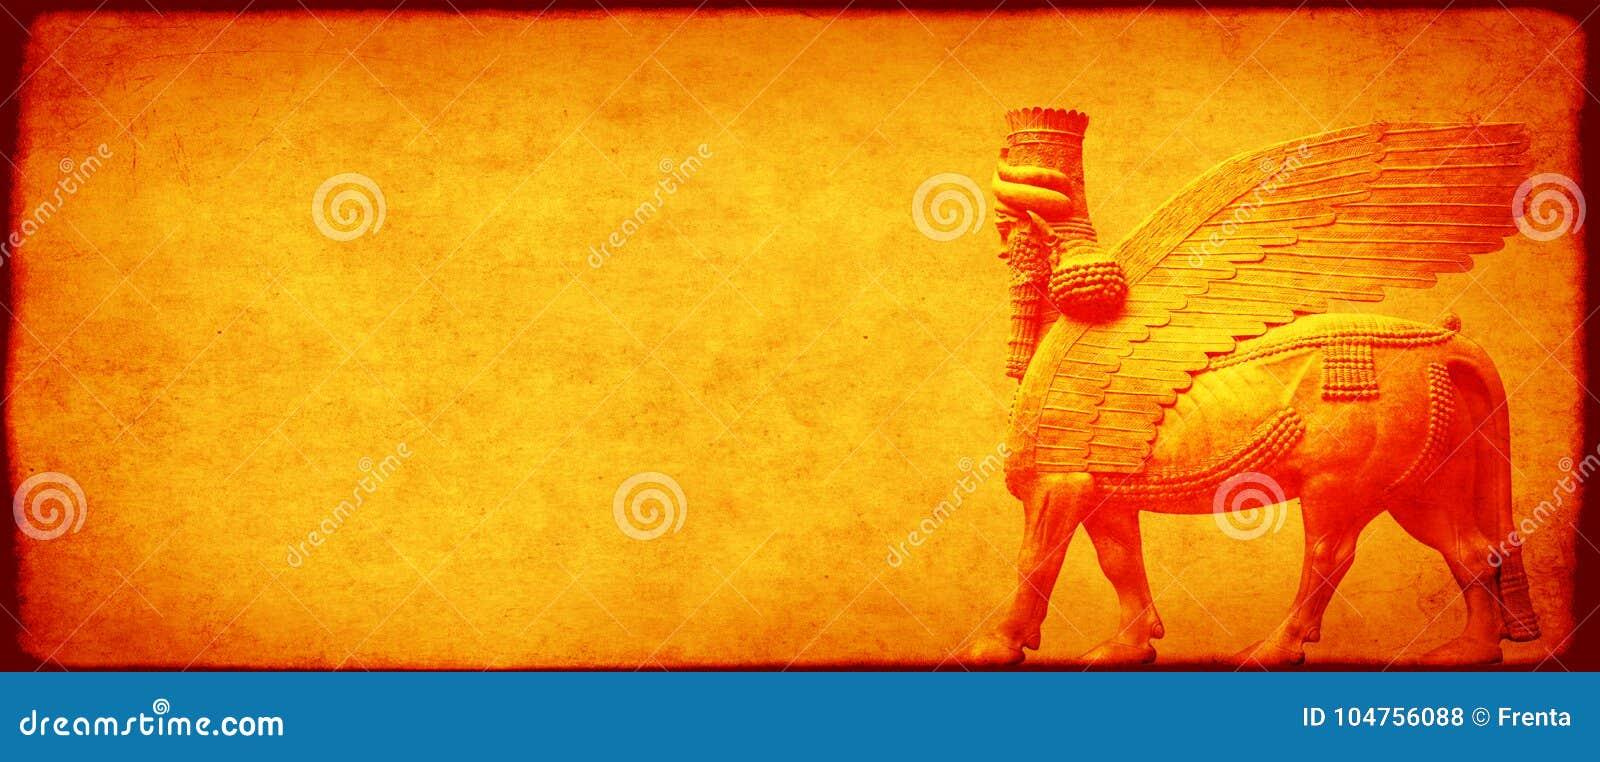 Fondo del Grunge con la textura y el lamassu de papel